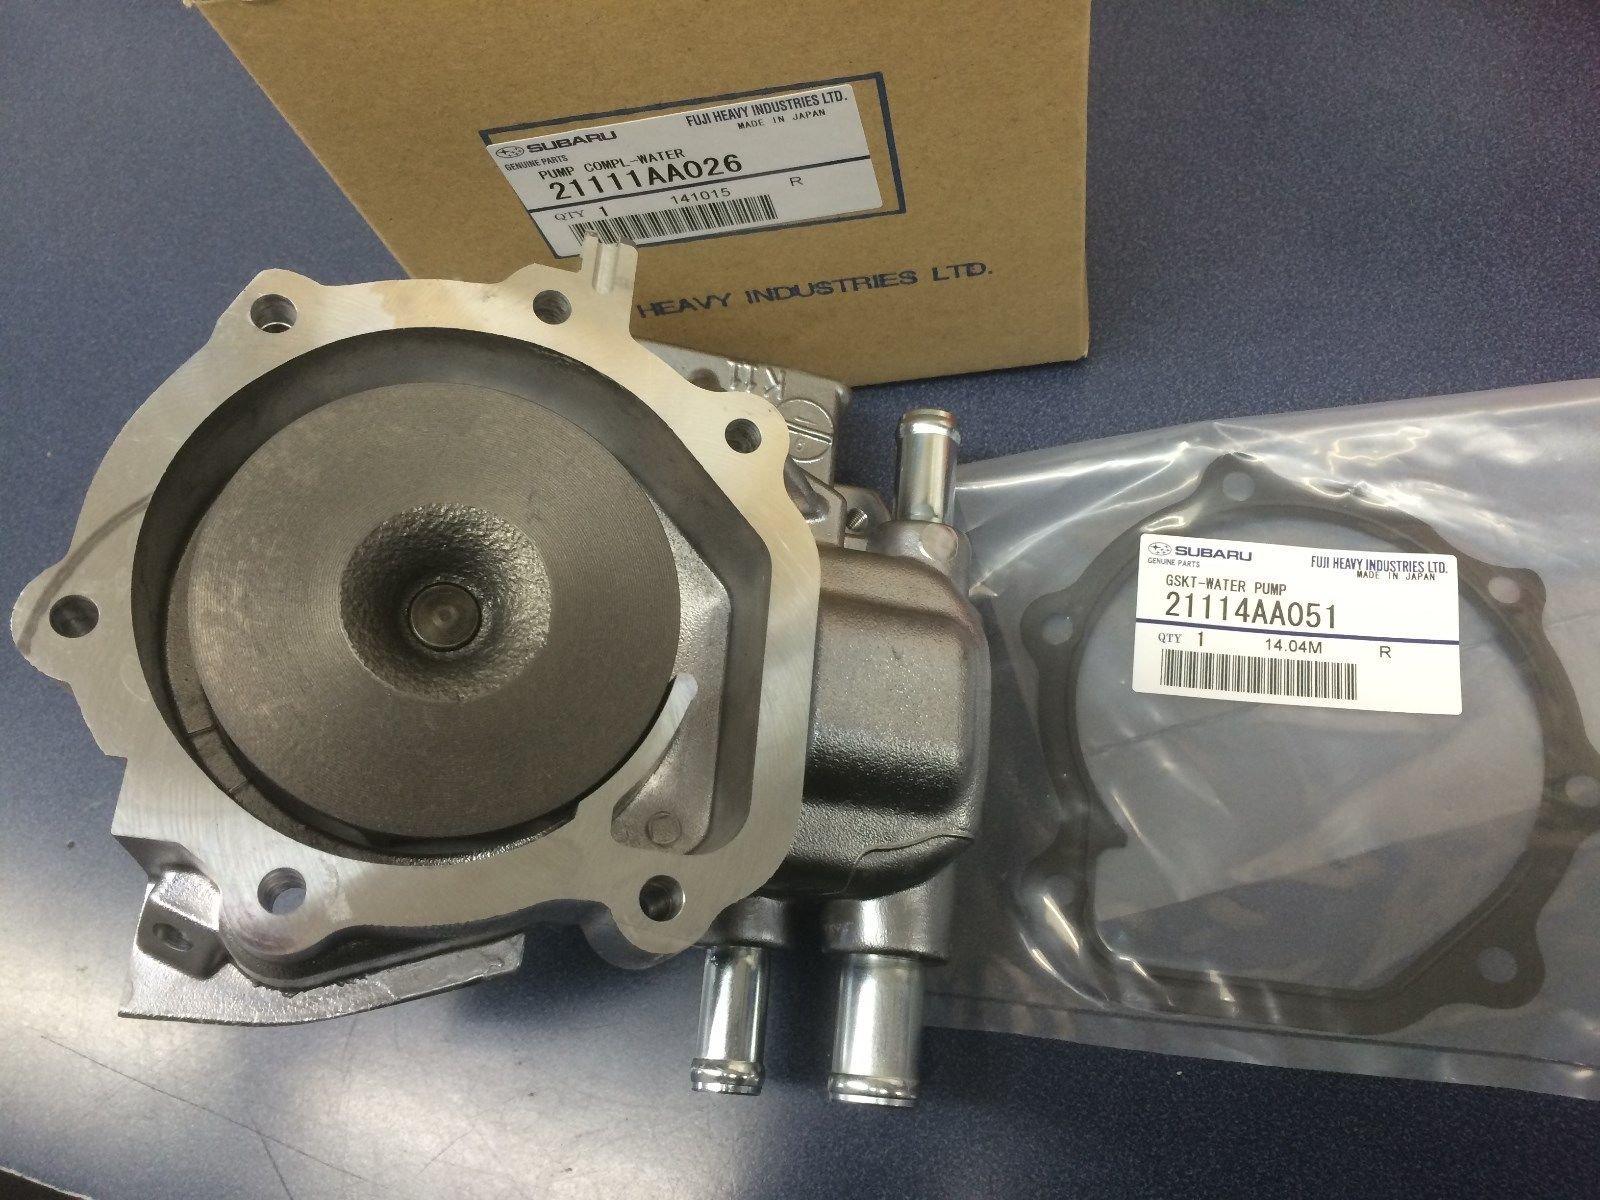 Genuine Hi Flow Subaru Turbo Water Pump Kit WRX Impreza STi Forester Legacy  EJ205 EJ207 EJ255 EJ257 with gasket